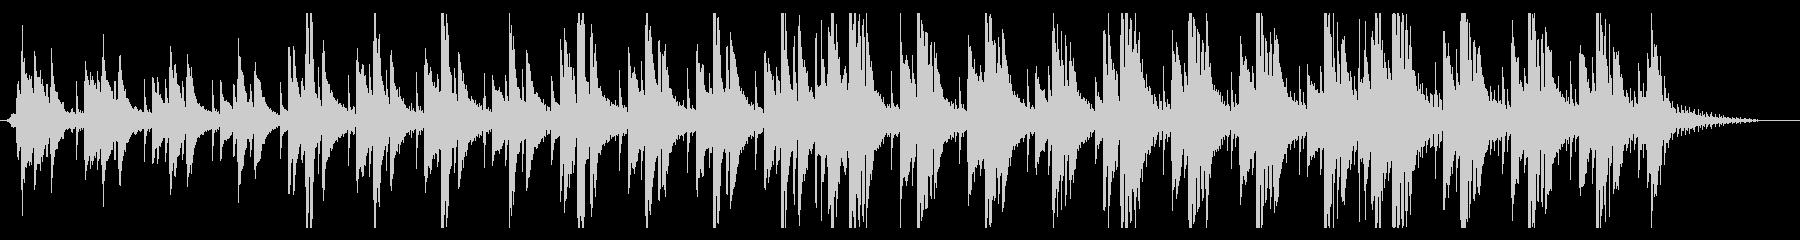 爽やかなスロービートのピアノ曲の未再生の波形